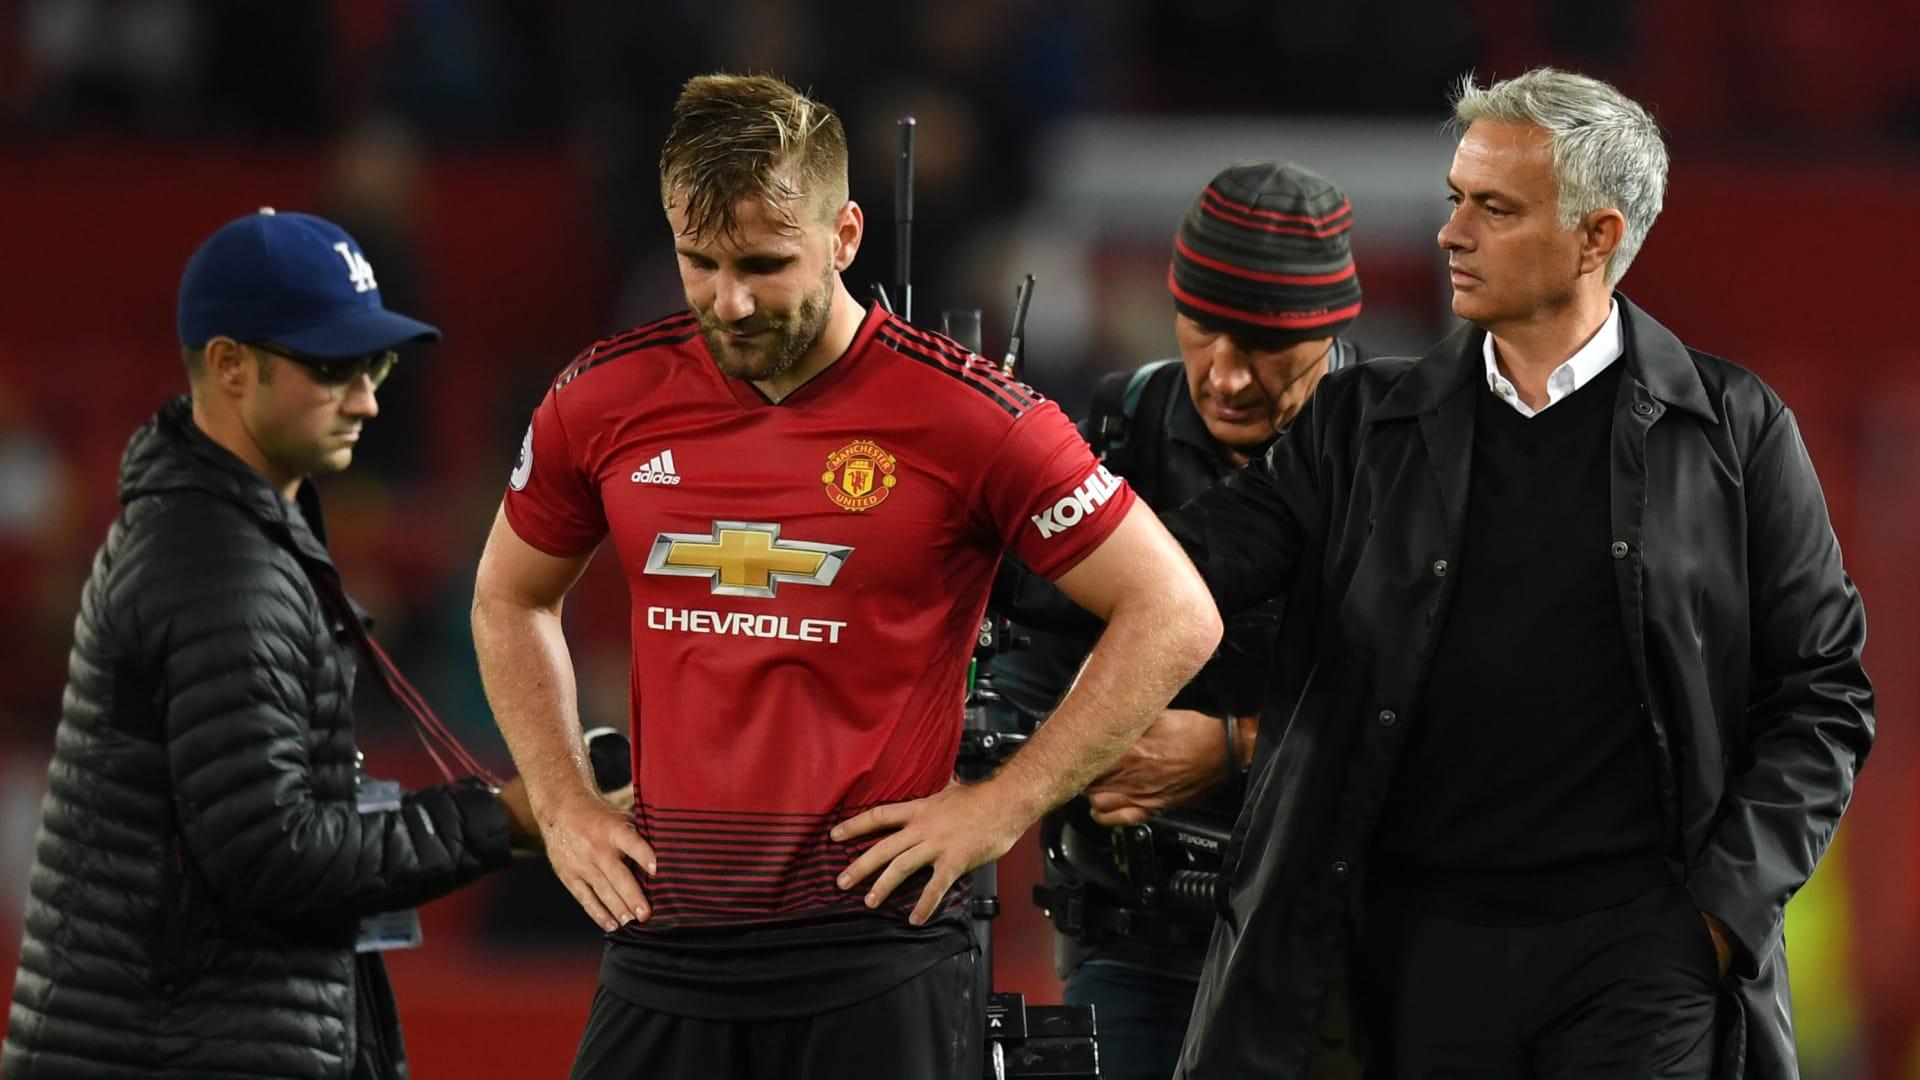 لاعب إنجلترا يرد على مورينيو: لا يحبني وأستغرب حديثه الدائم عني